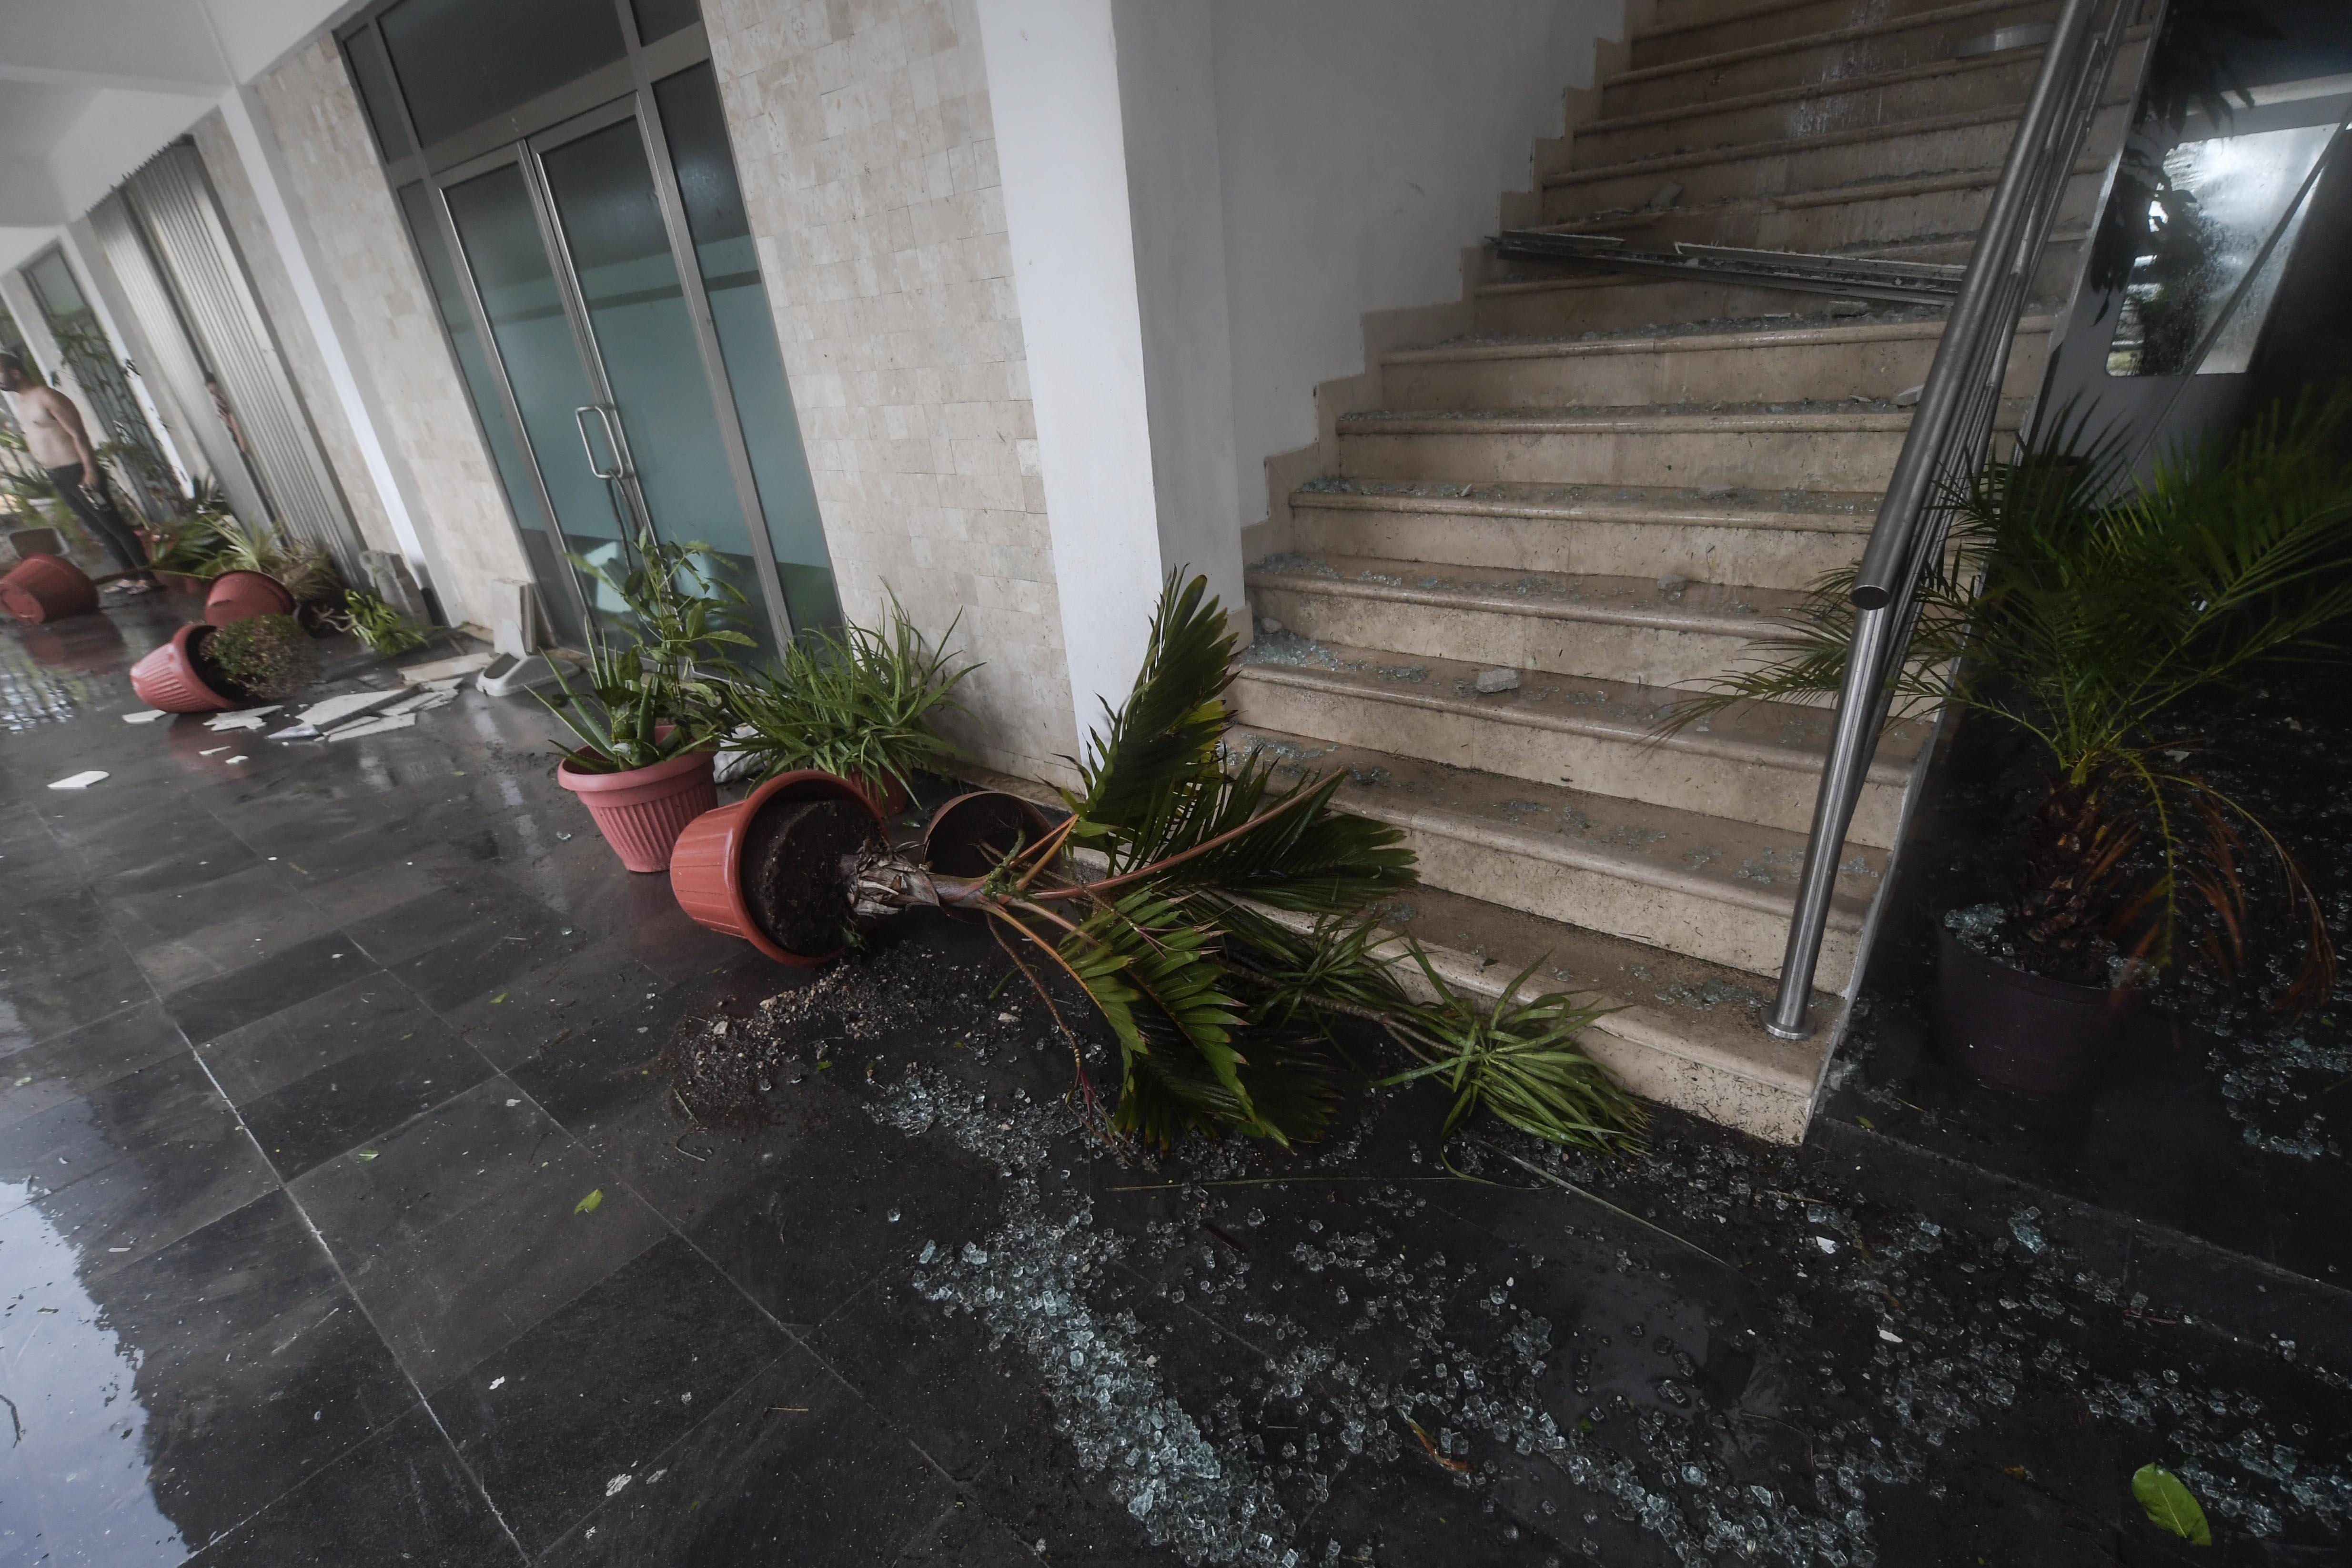 Vista de los daños causados por el huracán Delta, en Cancún, estado de Quintana Roo, México, el 7 de octubre de 2020.